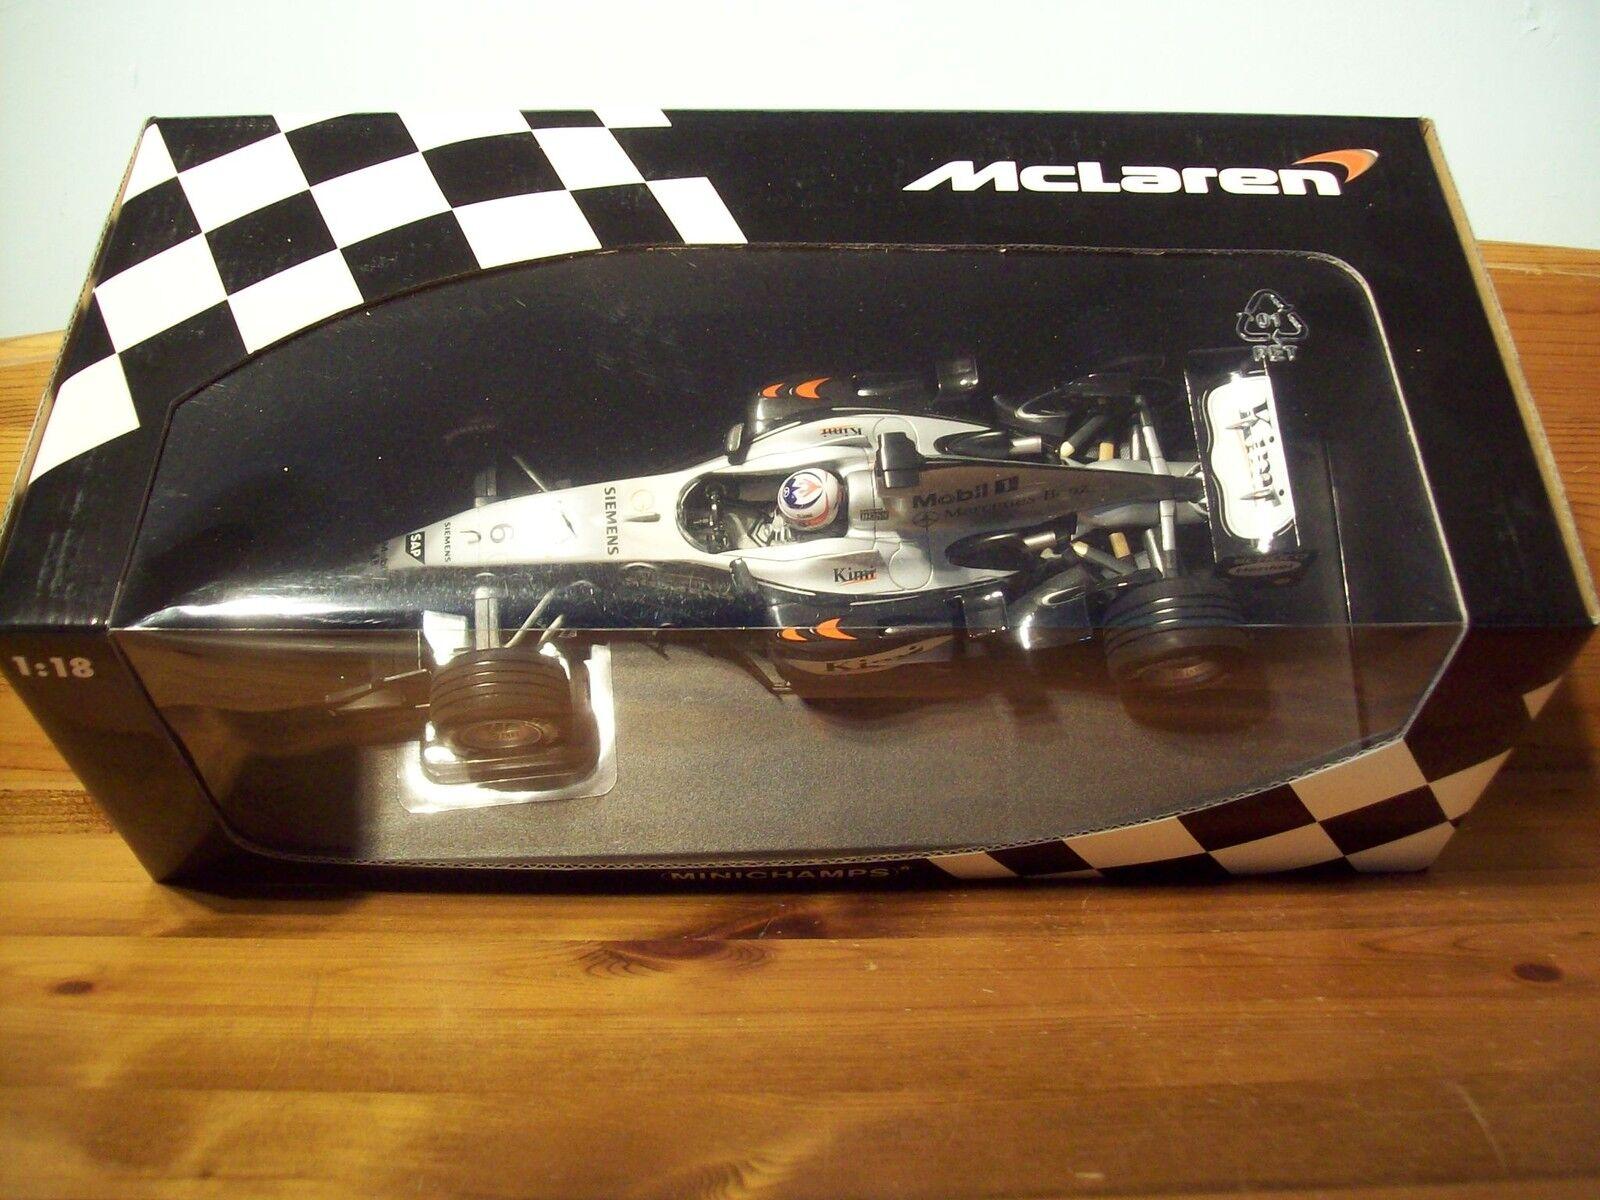 1 18 McLaren Mercedes MP4 19 2004 Kimi Raikkonen